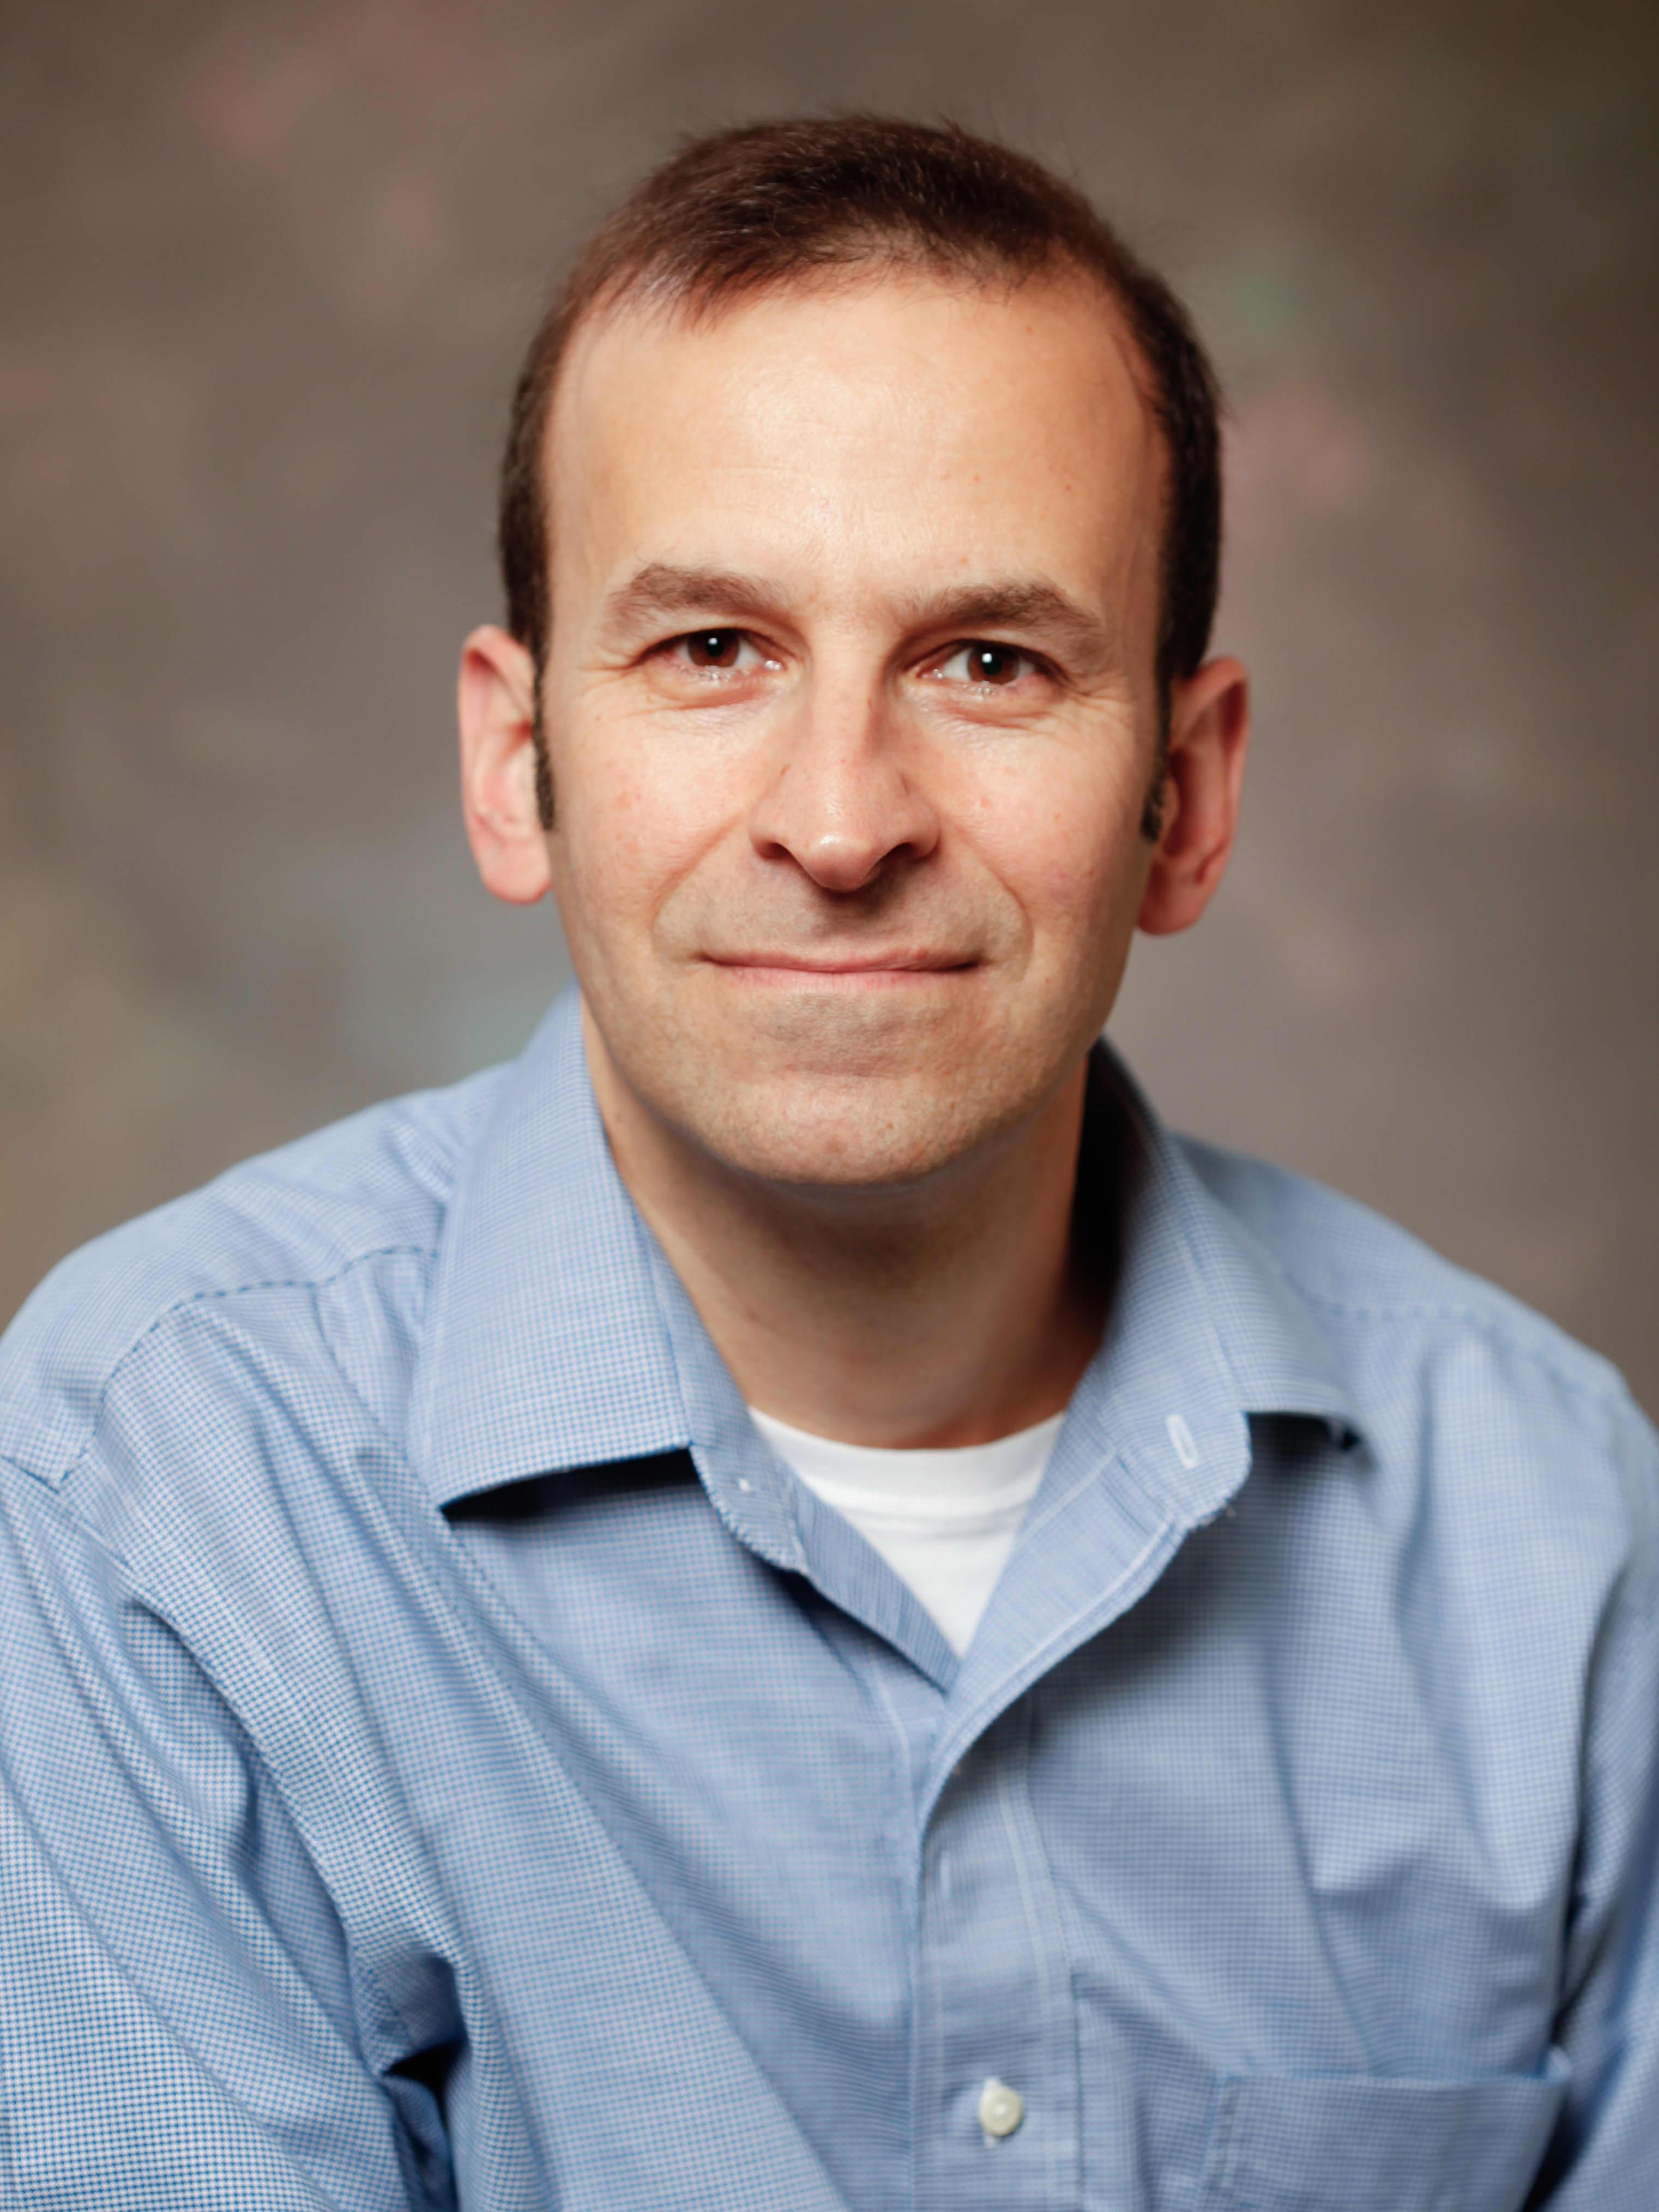 Carl Baum